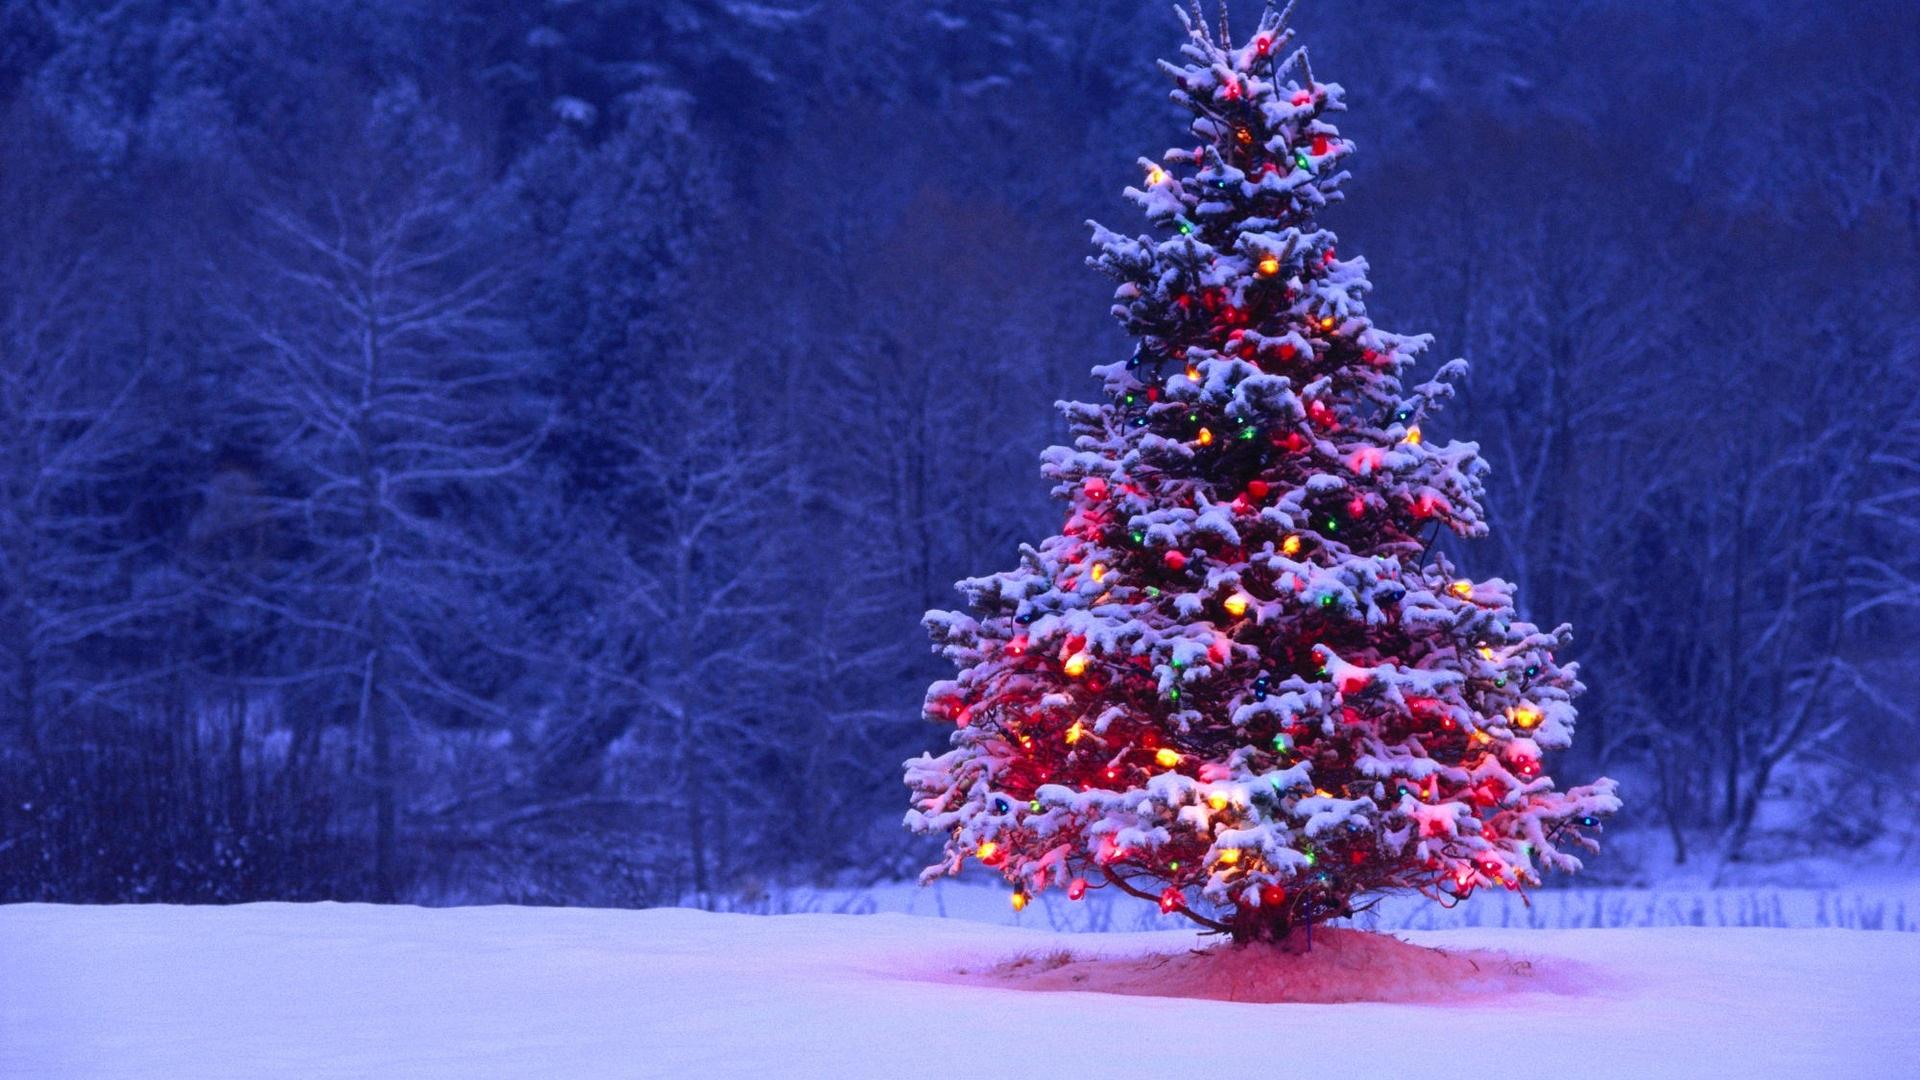 Free-Wallpaper-Christmas-Tree.jpg